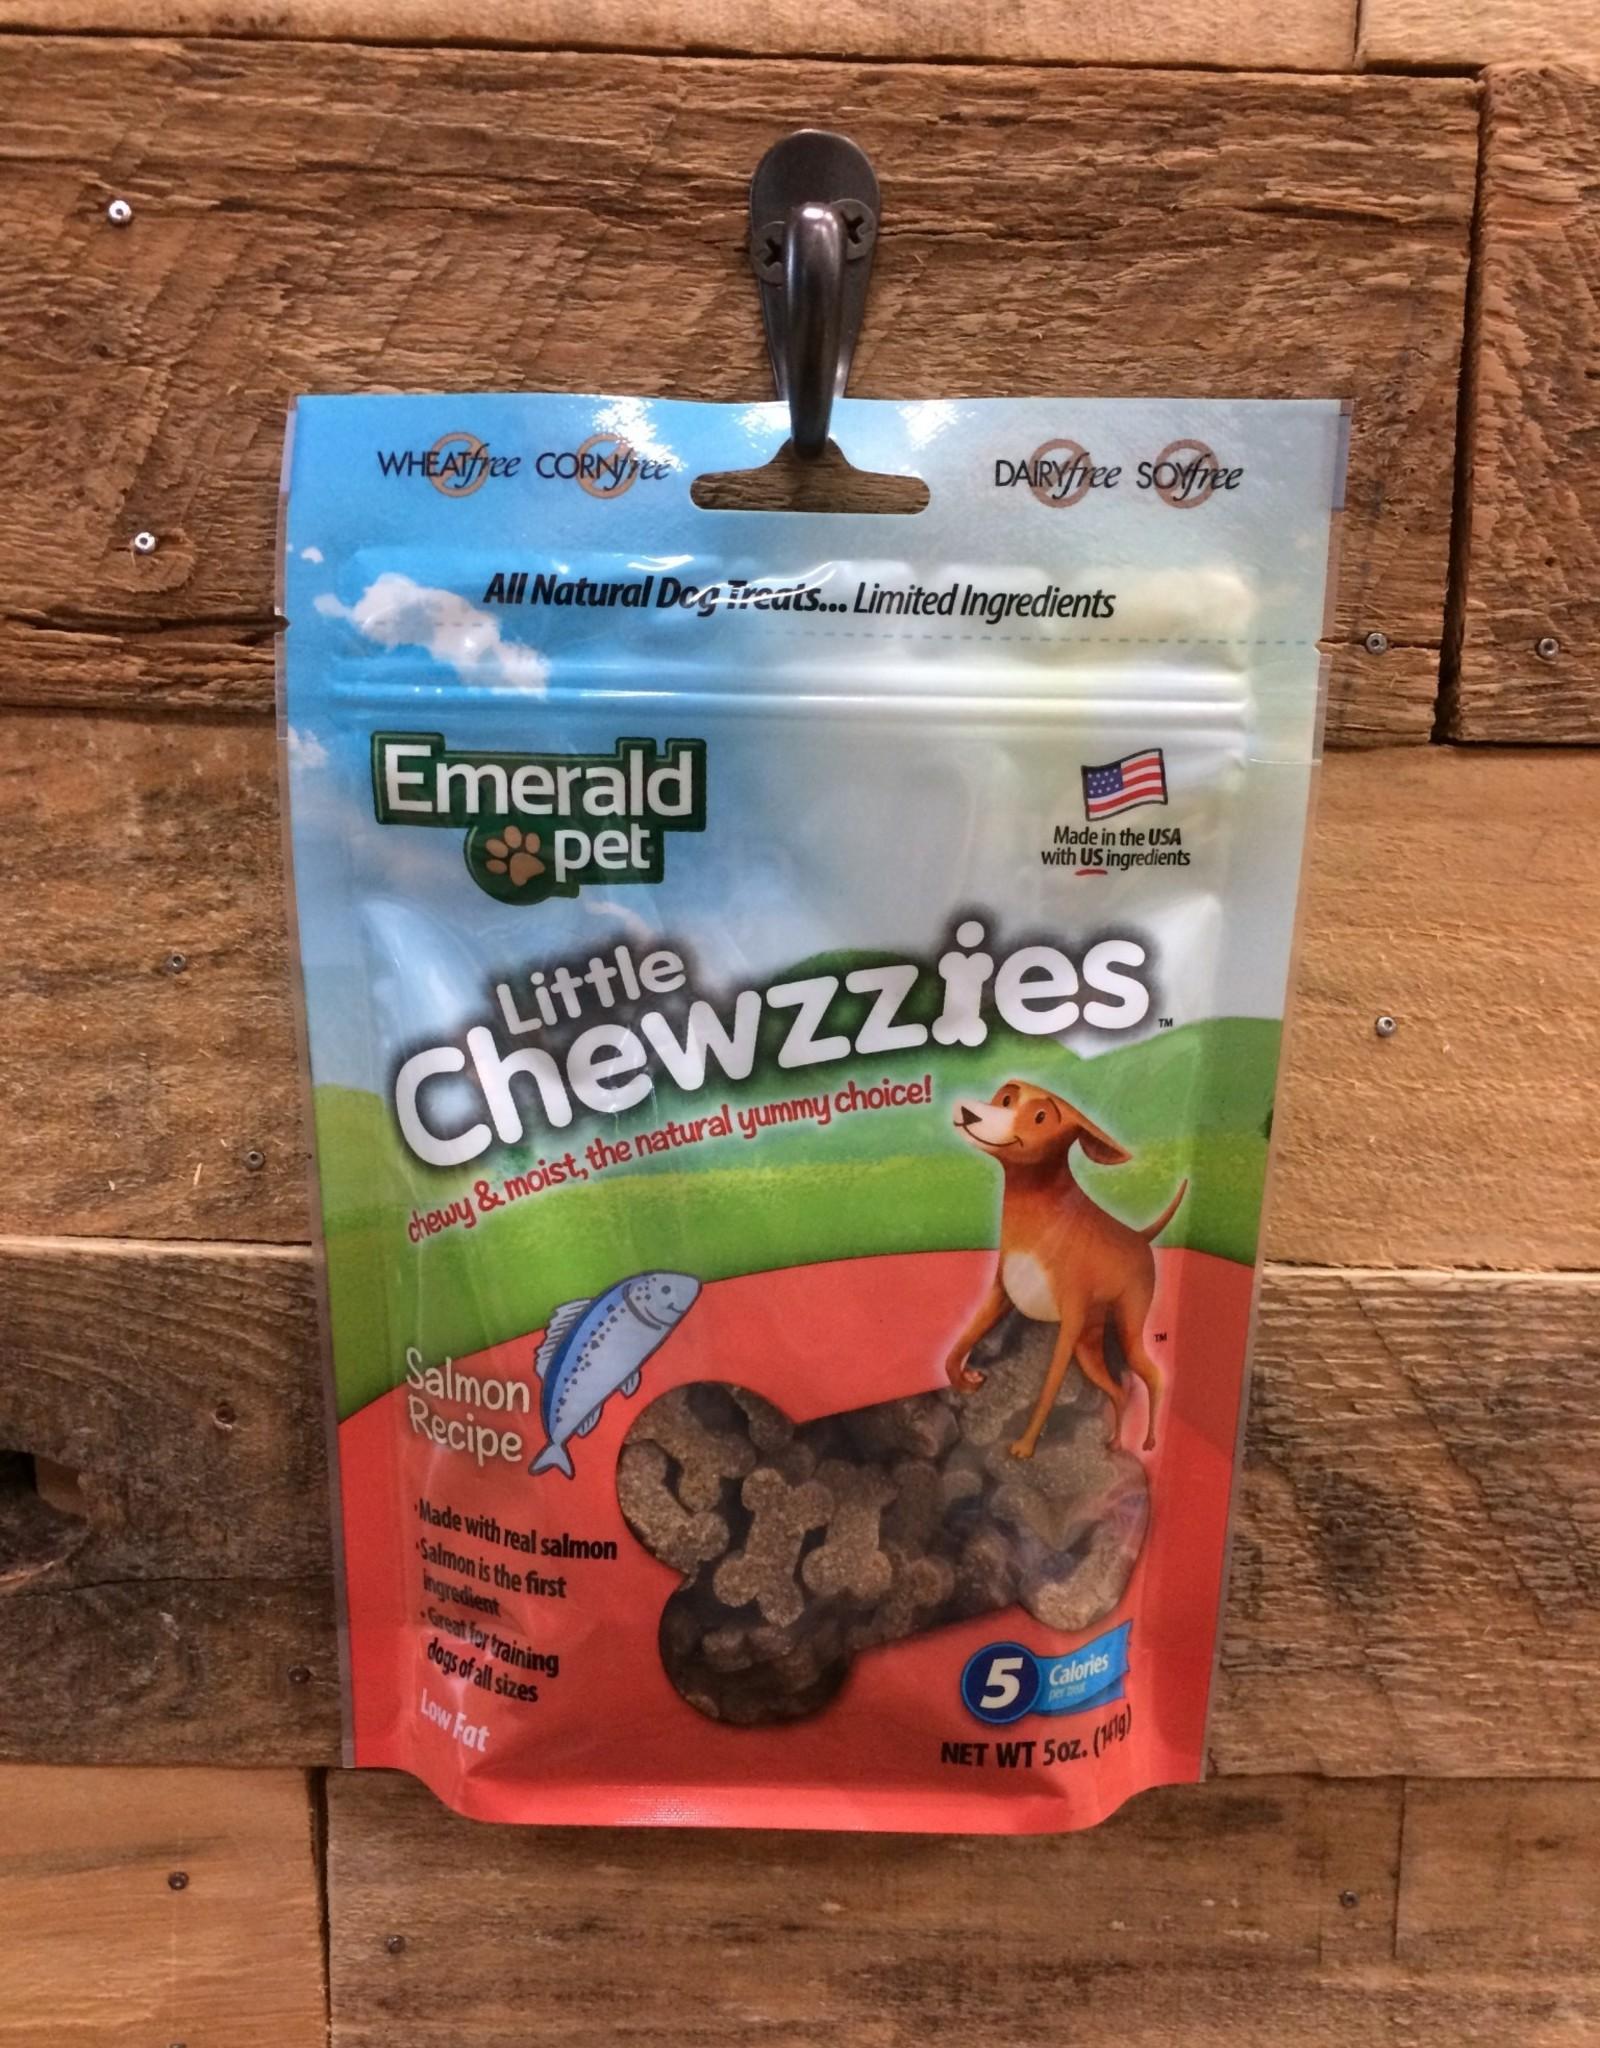 Emerald Smart n Tasty Little Chewzzies Salmon 5oz.